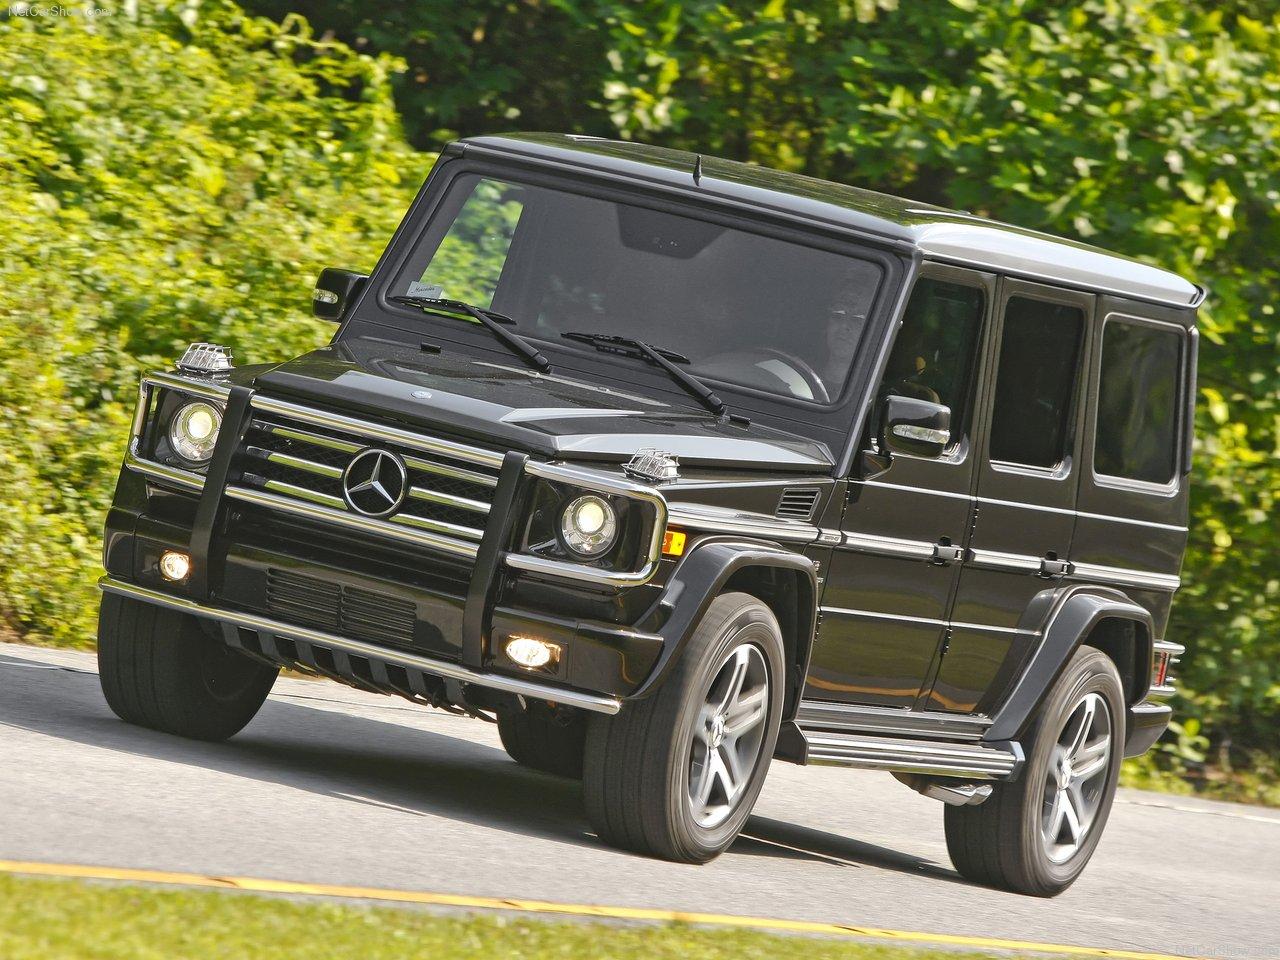 http://3.bp.blogspot.com/-FHtQjwsWJts/TWssoDFdCbI/AAAAAAACLaw/zu9-gUmIGq8/s1600/Mercedes-Benz-G55_AMG_2009_1280x960_wallpaper_01.jpg